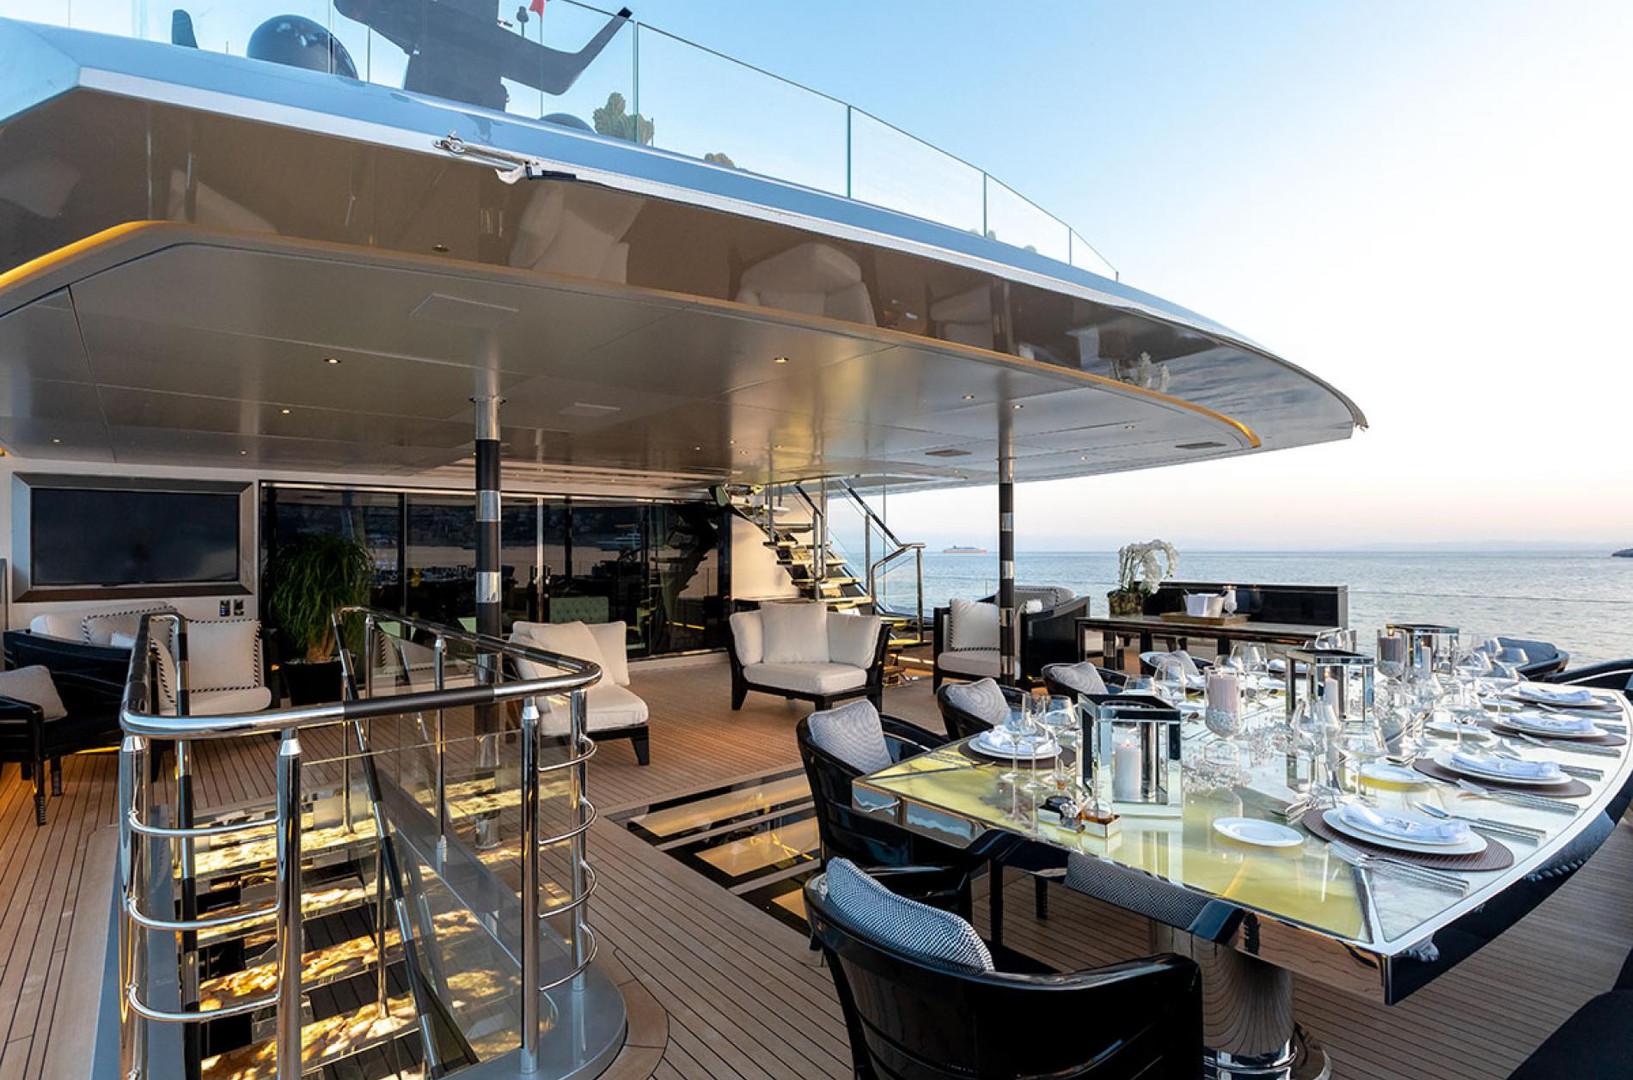 Yacht SARASTAR - bridge deck Al fresco